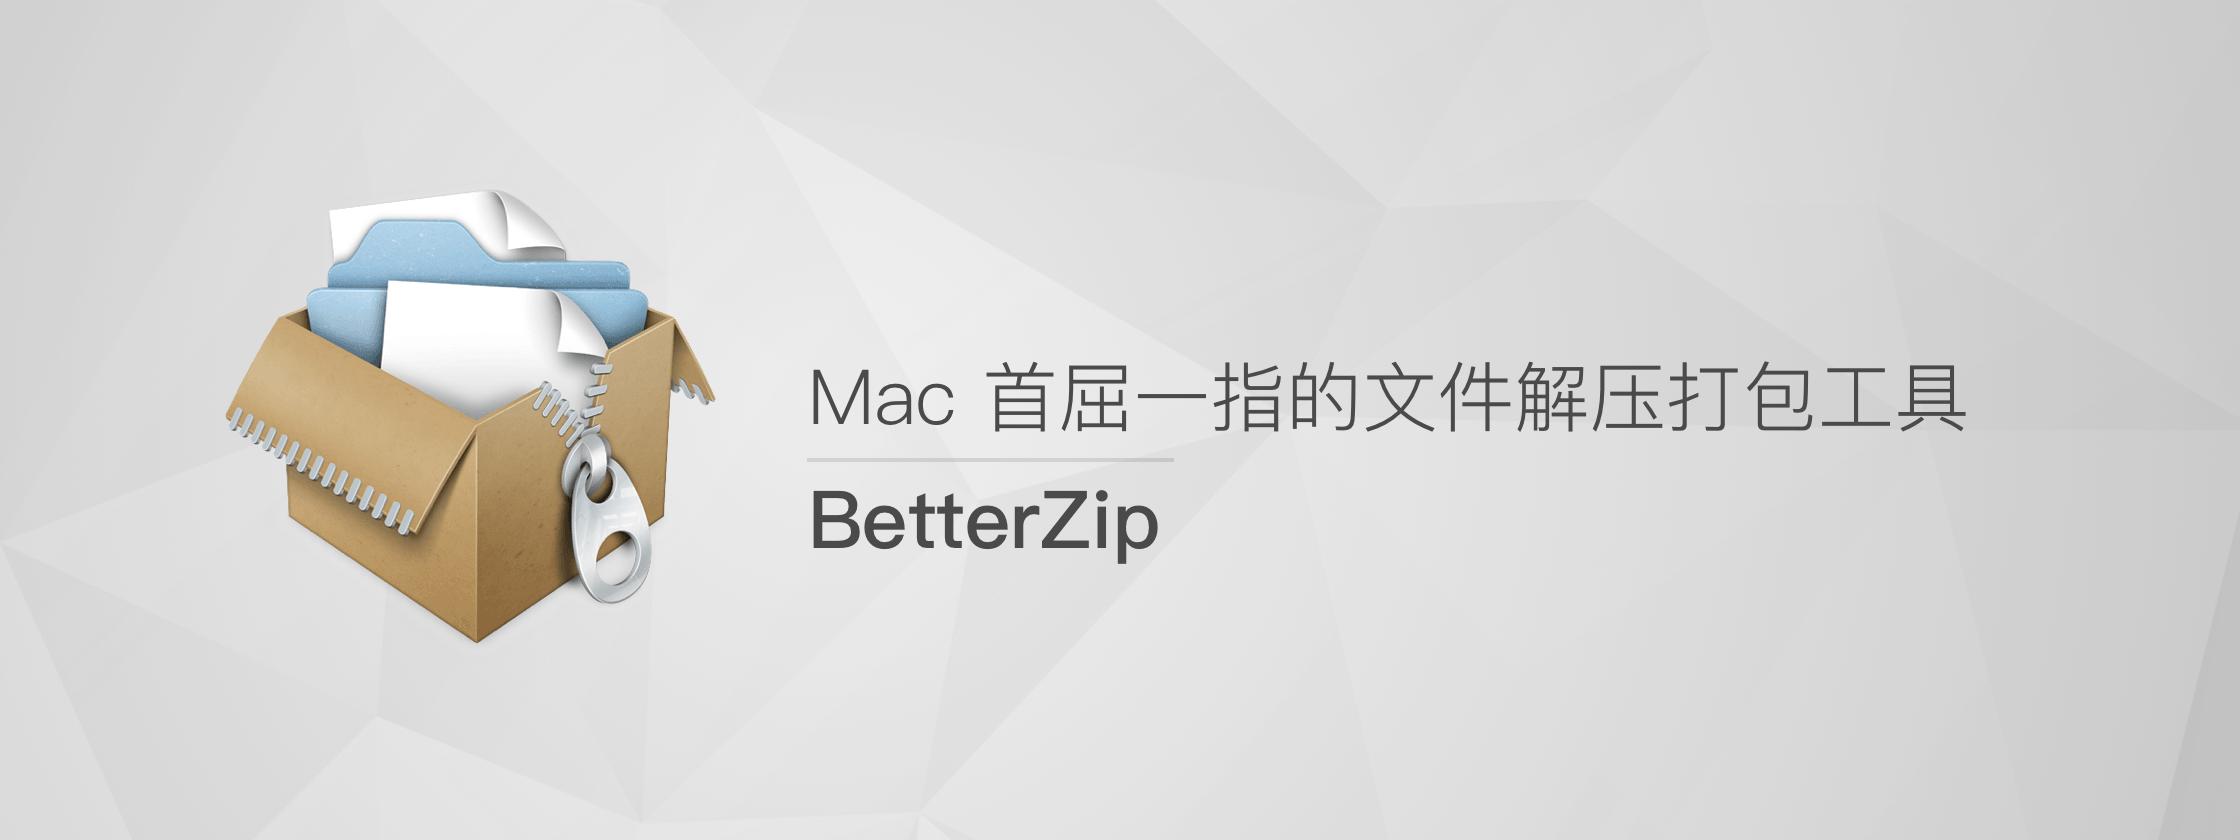 BetterZip – Mac 首屈一指的文件解压打包工具